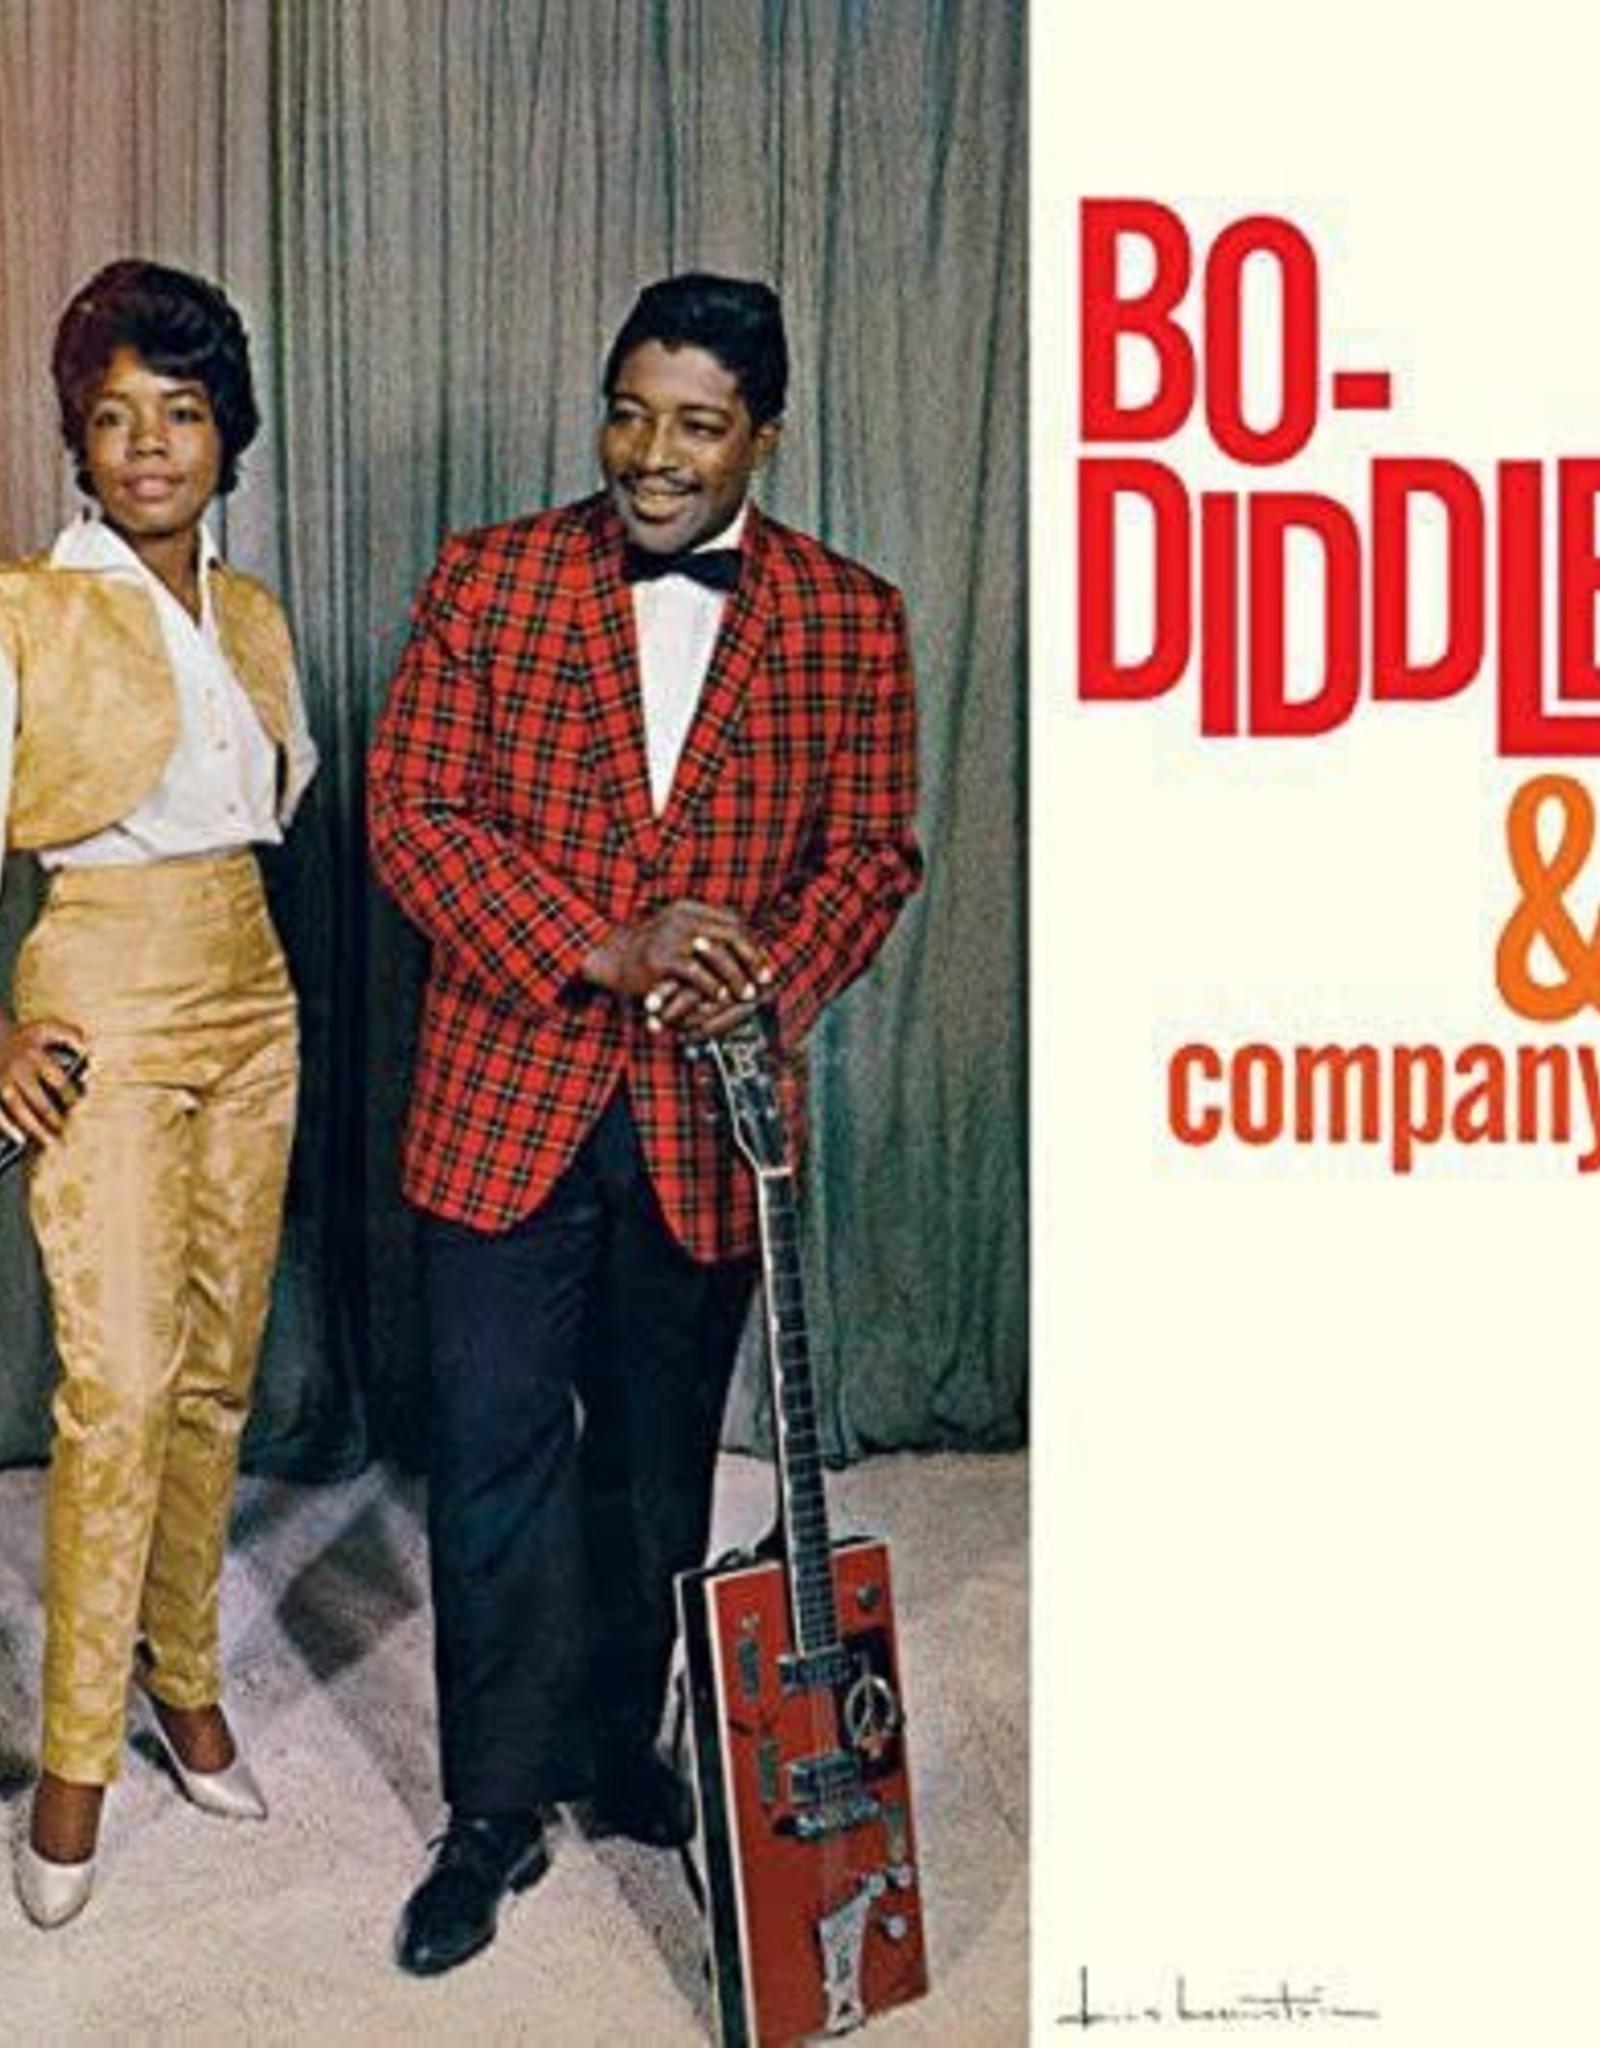 Bo Diddley - Bo Diddley & Company